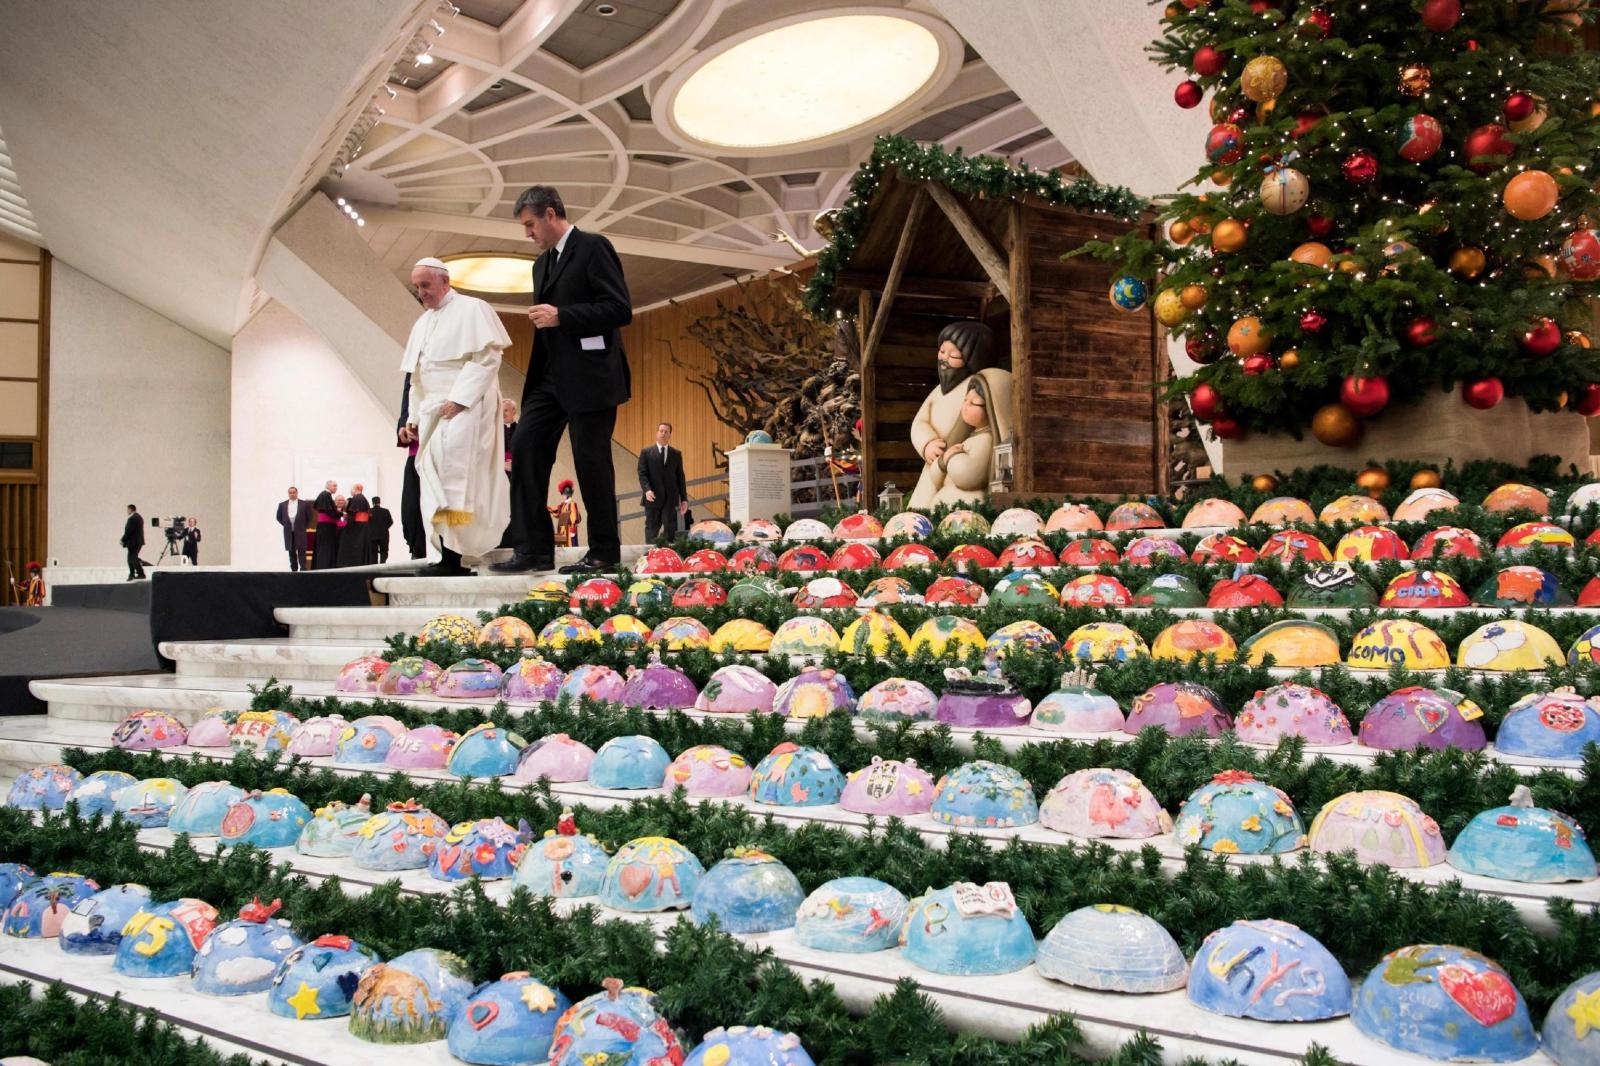 Dekoracja świąteczne w Hallu Pawła VI w Watykanie. Fot. PAP/EPA/OSSERVATORE ROMANO